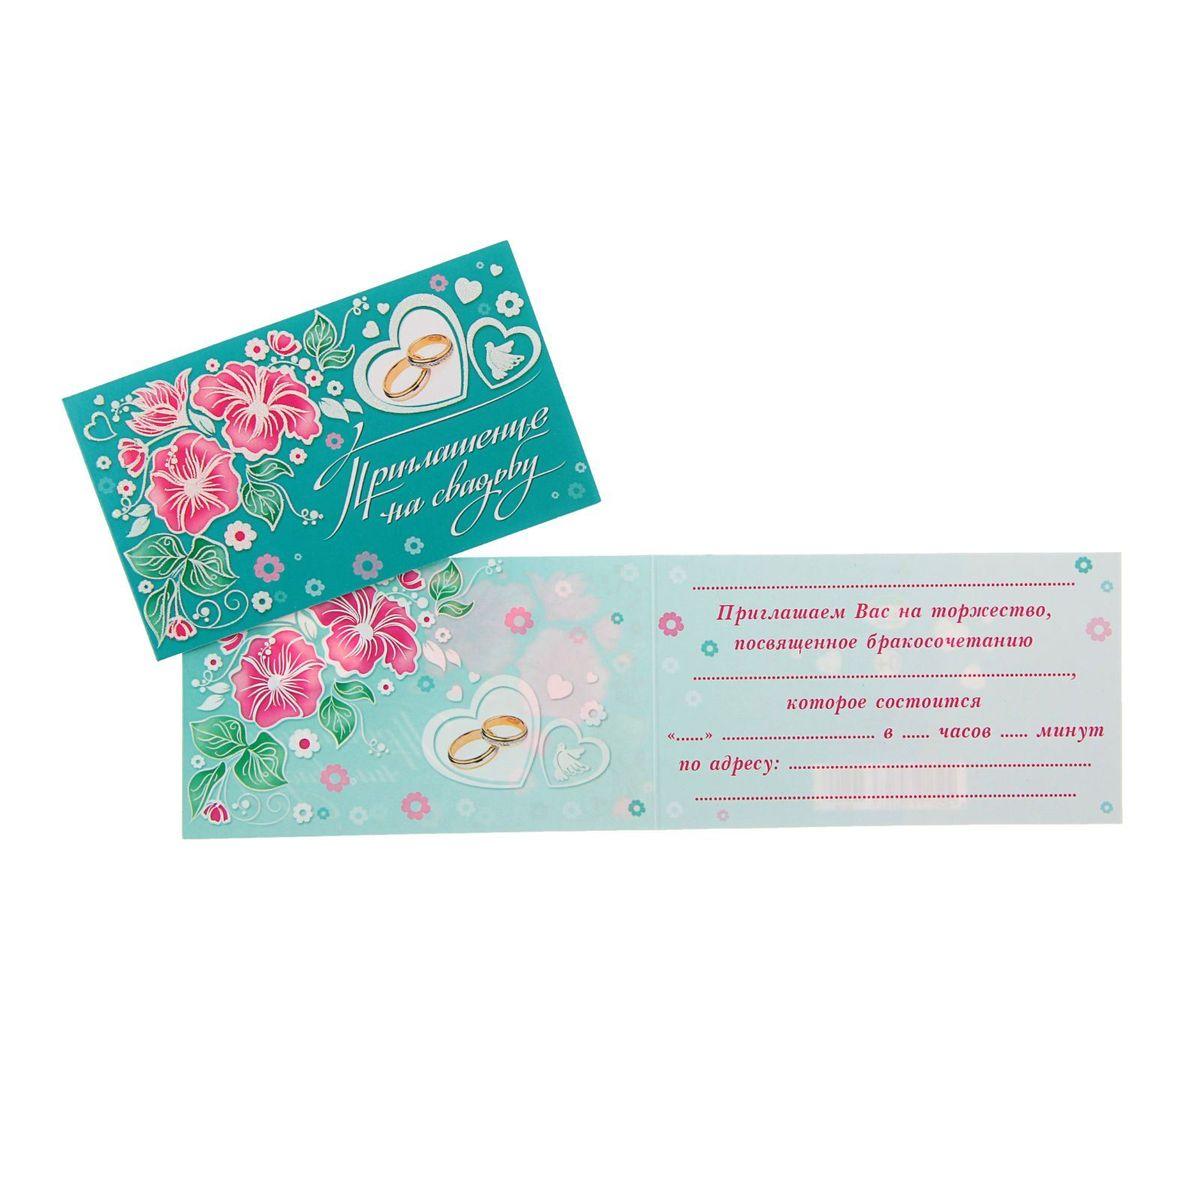 Мир открыток Приглашение на свадьбу, бирюзовый, цветы, кольца